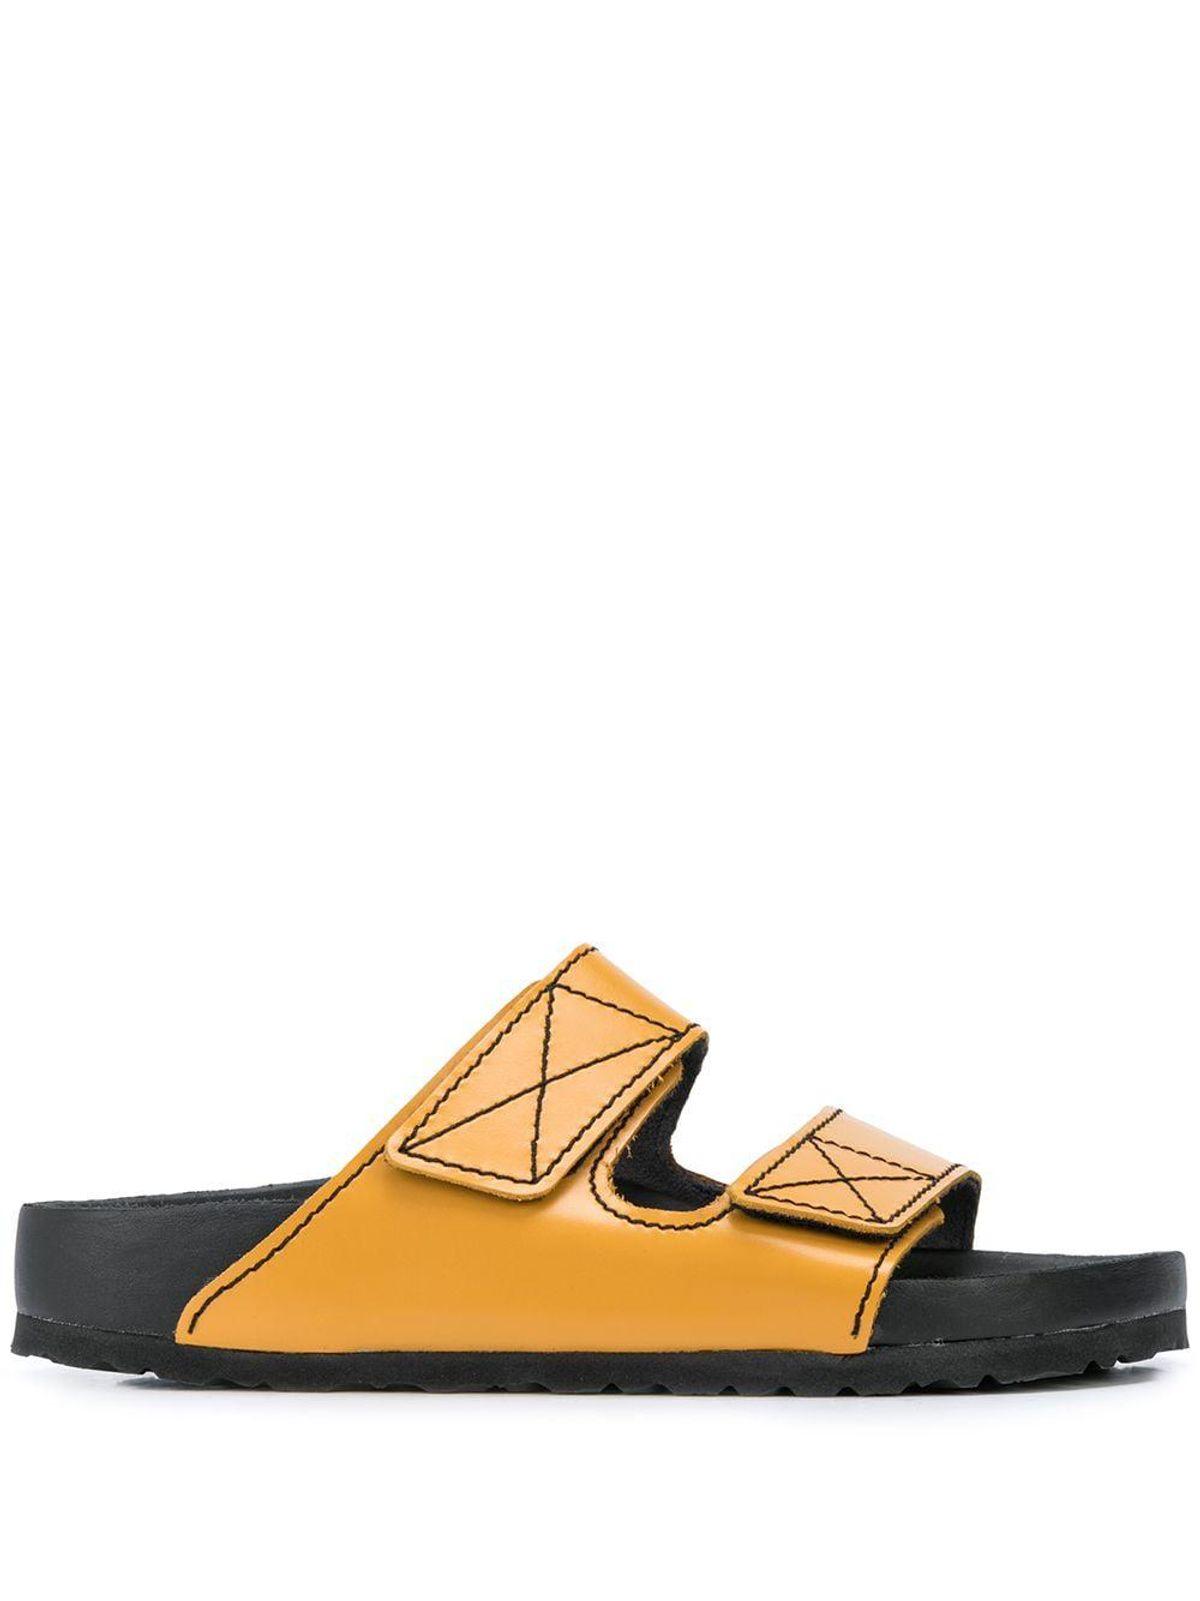 x Birkenstock Arizona Sandals